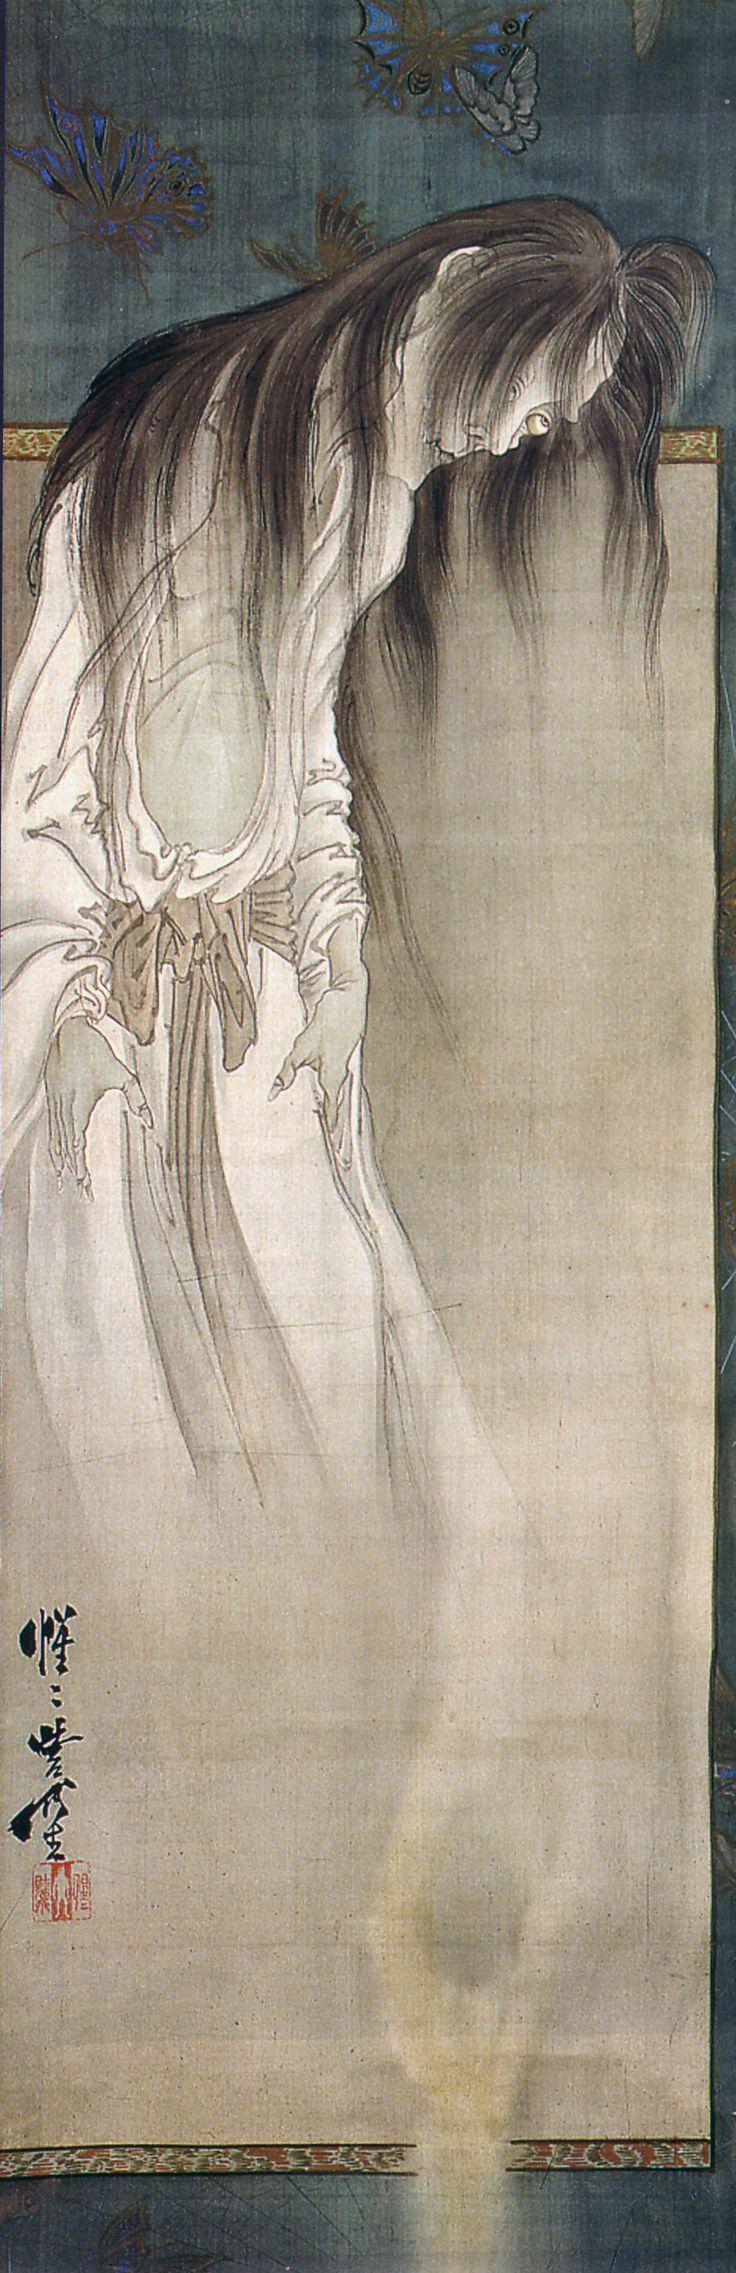 115 best Japanese Ghost Art images on Pinterest | Japanese ...